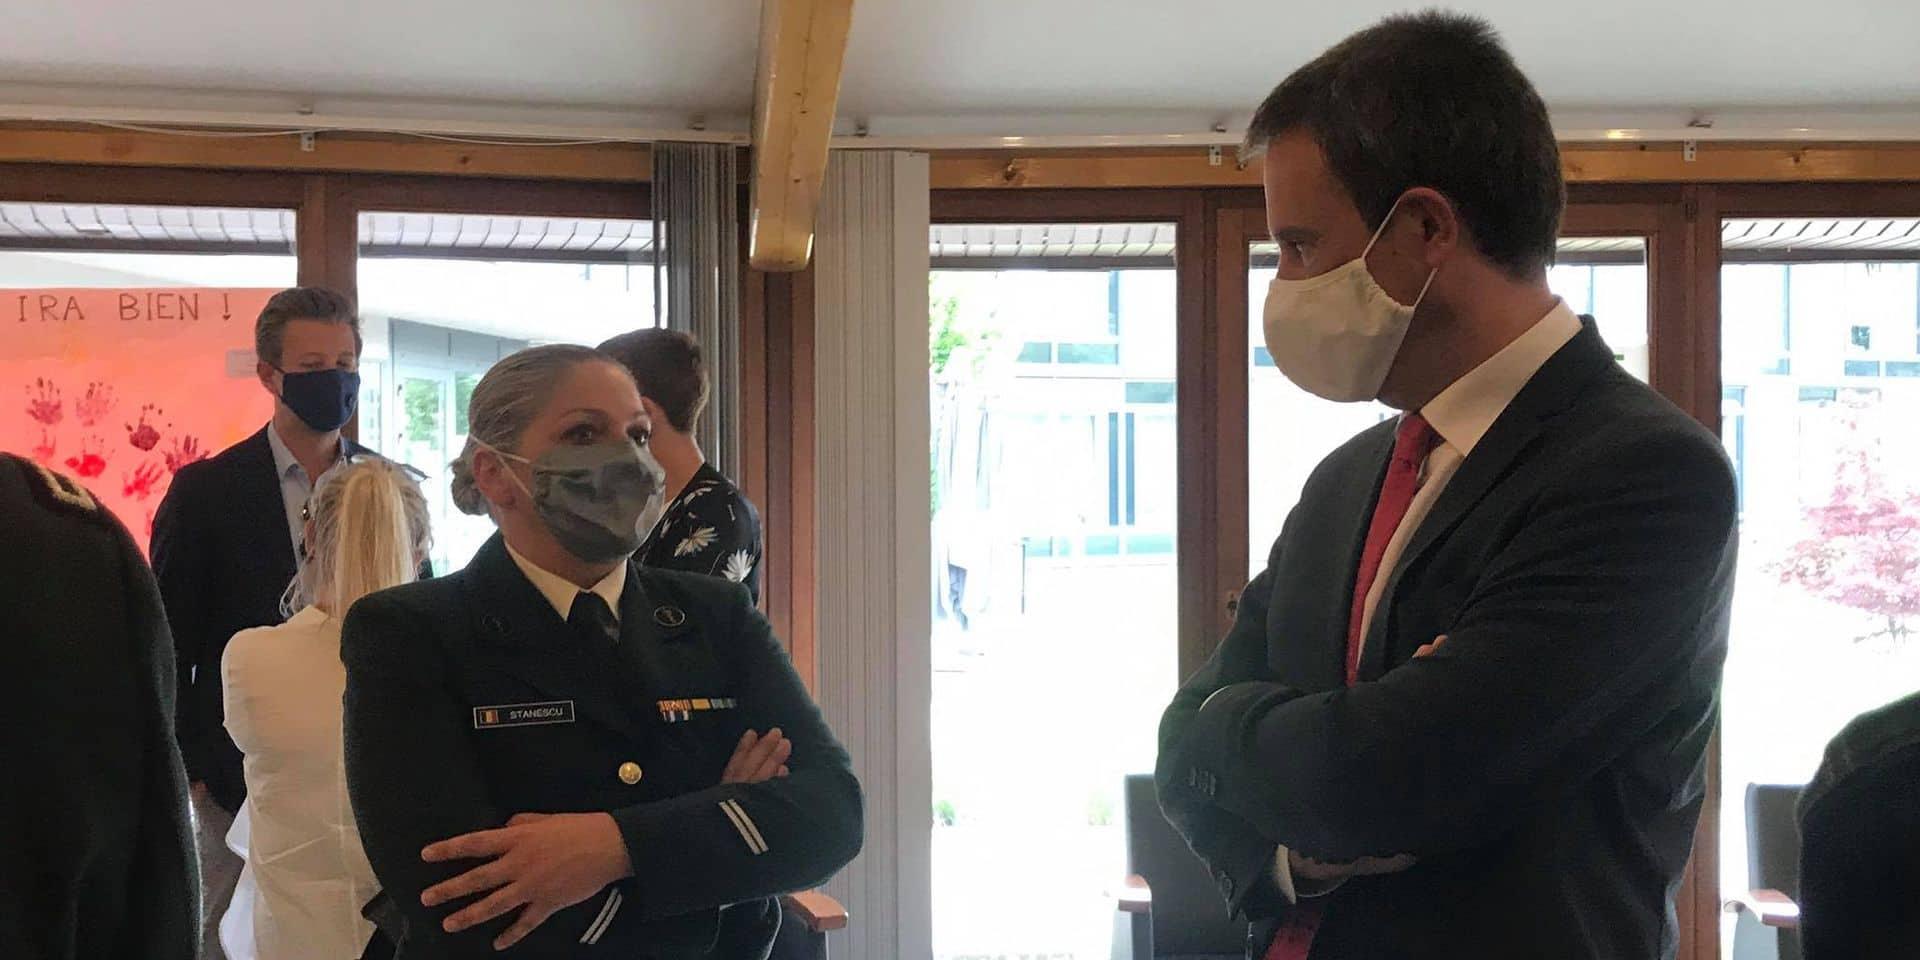 Le ministre de la Défense en visite dans la maison de repos le Tilleul d'Édouard